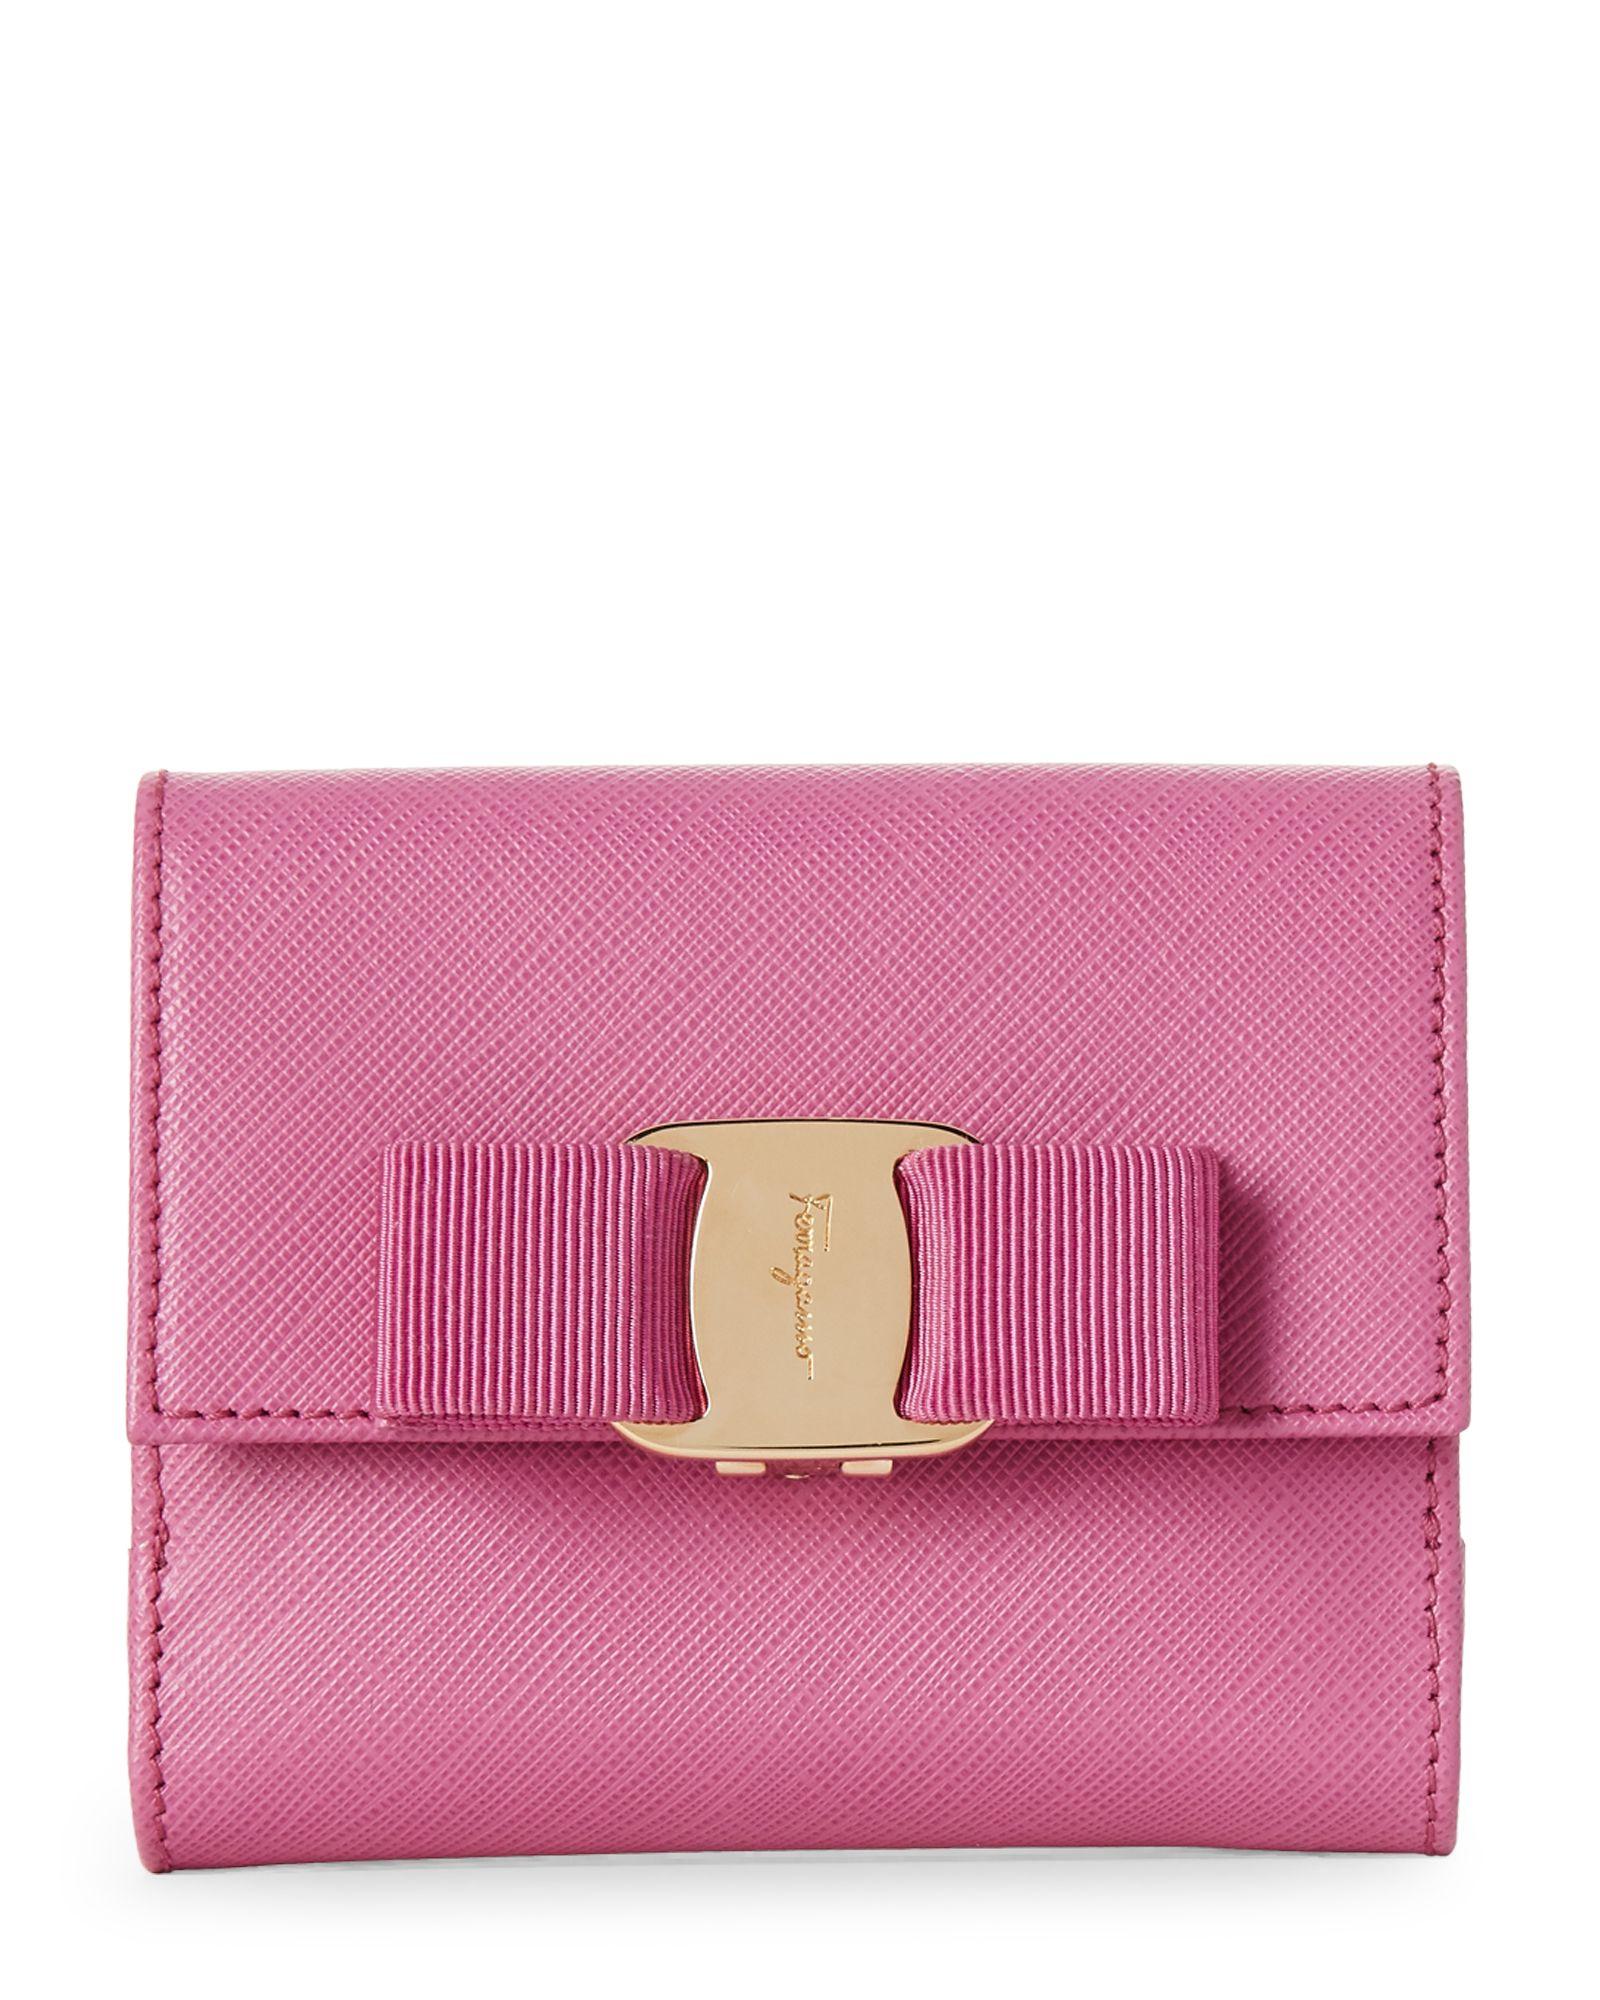 Salvatore Ferragamo Pink Vara Saffiano French Wallet  792629bedc155